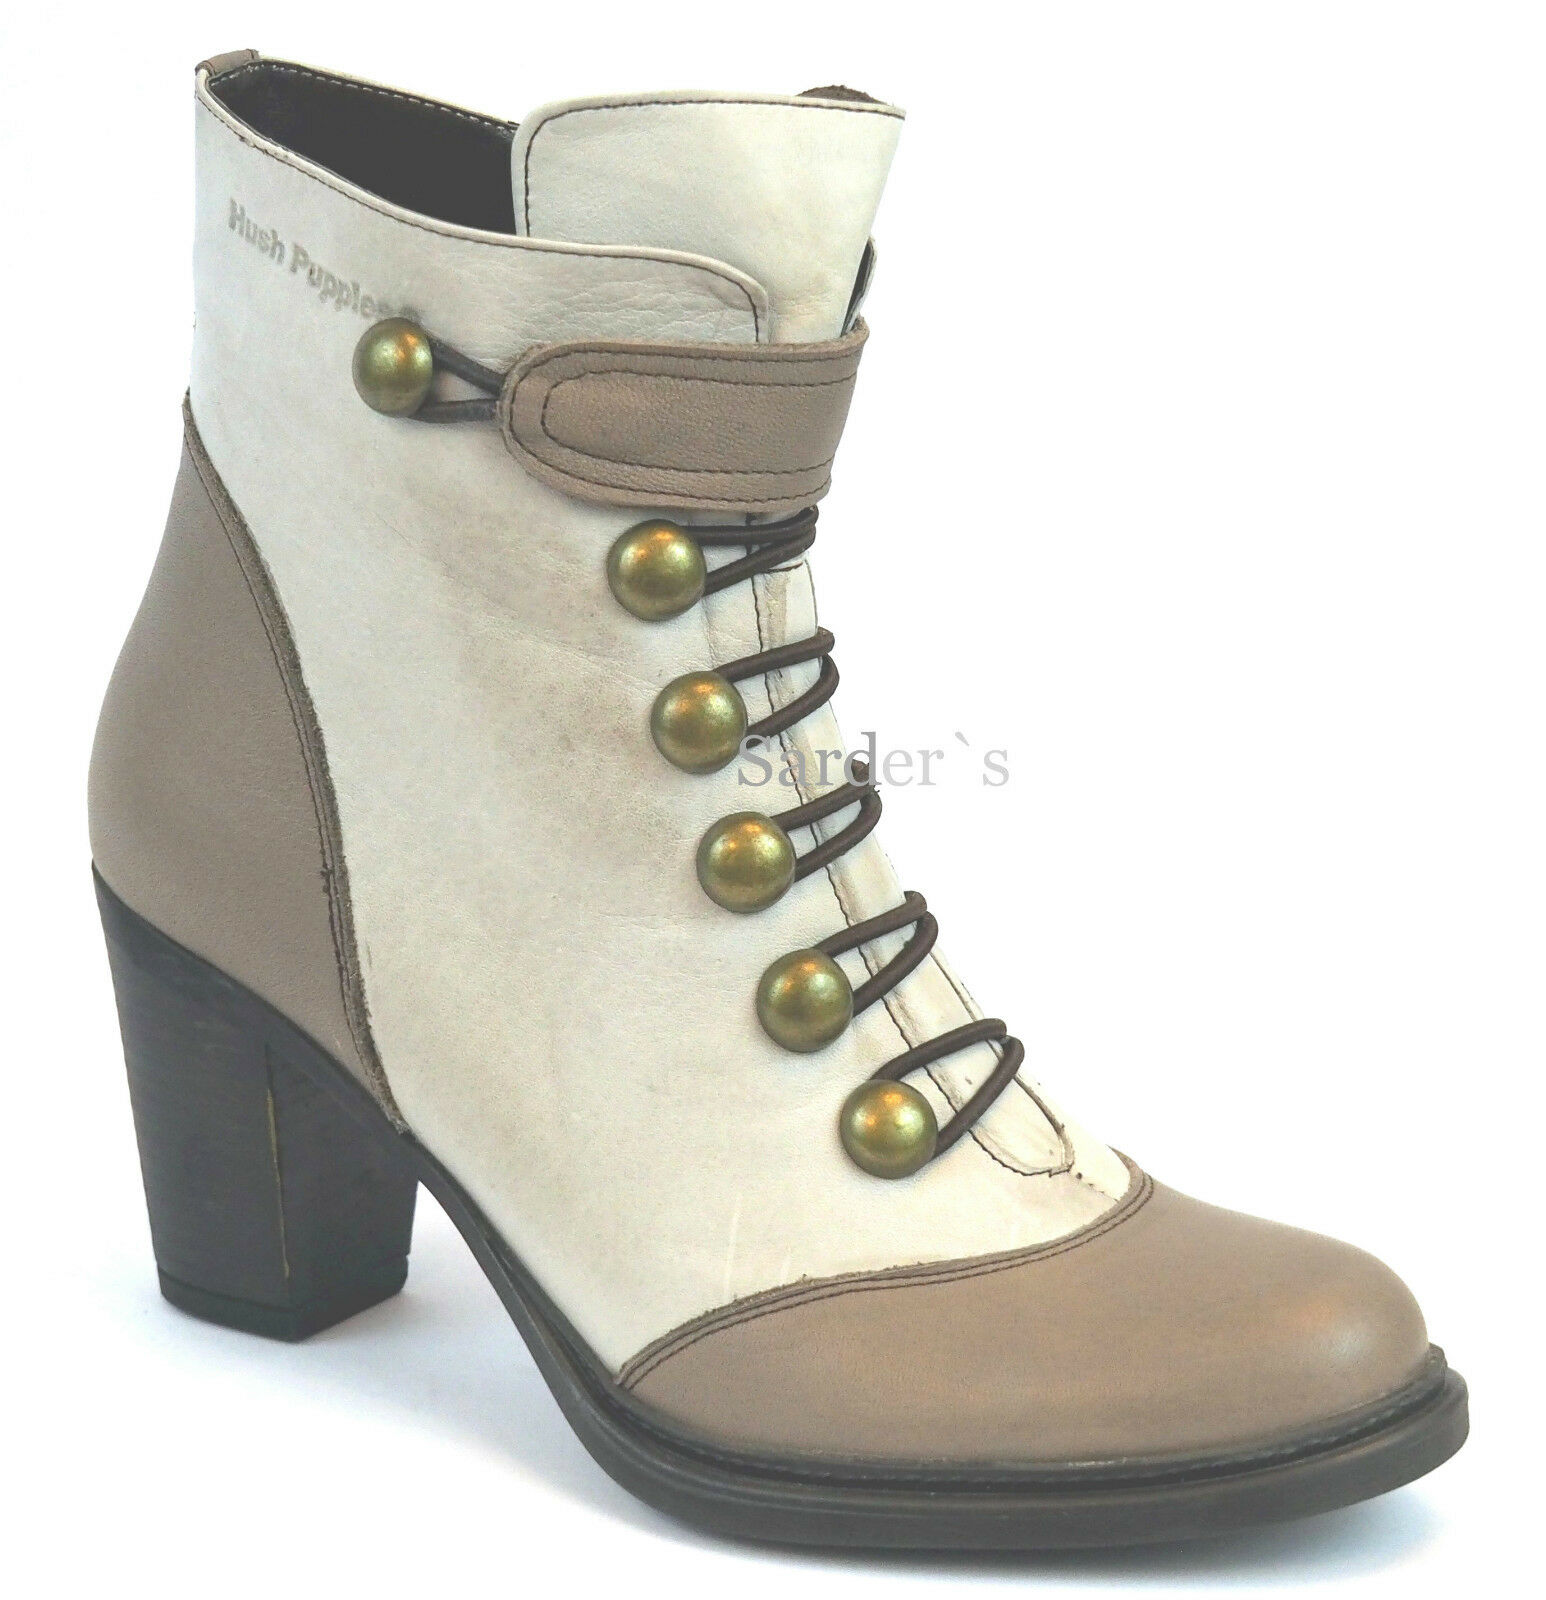 Hush Puppies botín 41 cuero cuero cuero botas plataforma Taupe marrón heels zapato de mujer nuevo  tienda hace compras y ventas